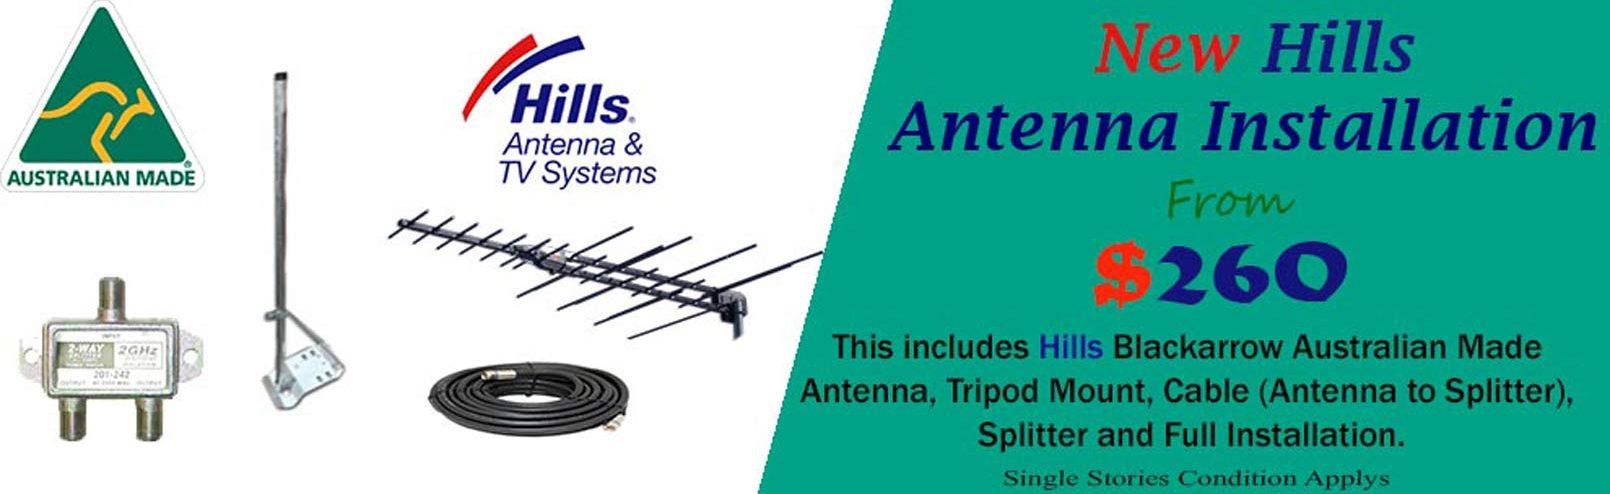 Australian Made Hills Antenna